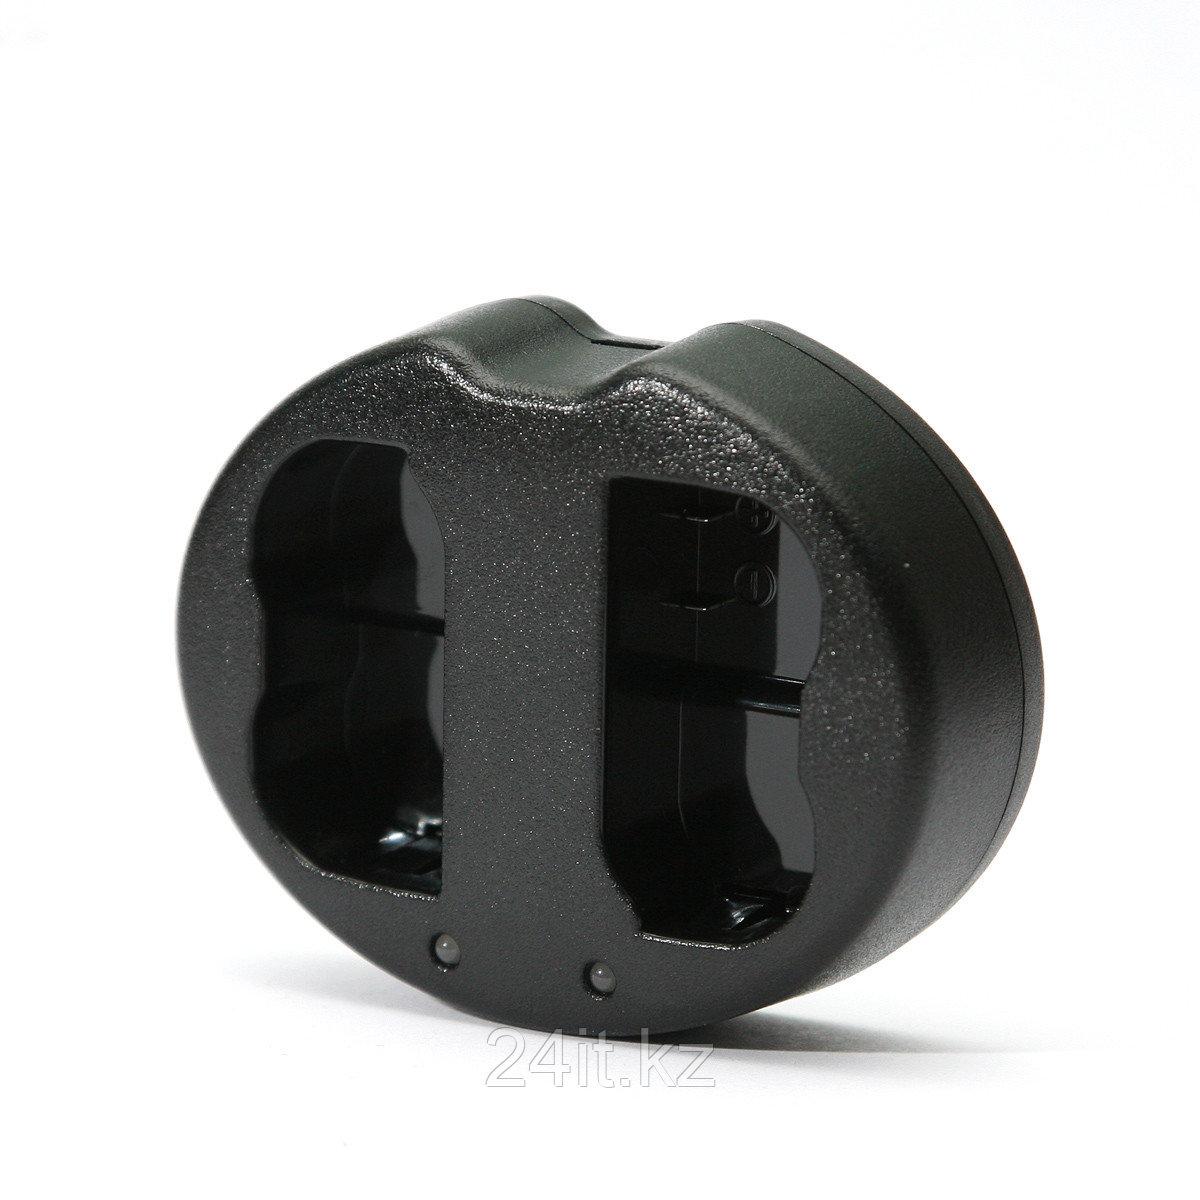 Зарядное устройство PowerPlant Dual Canon LP-E6 для двух аккумуляторов